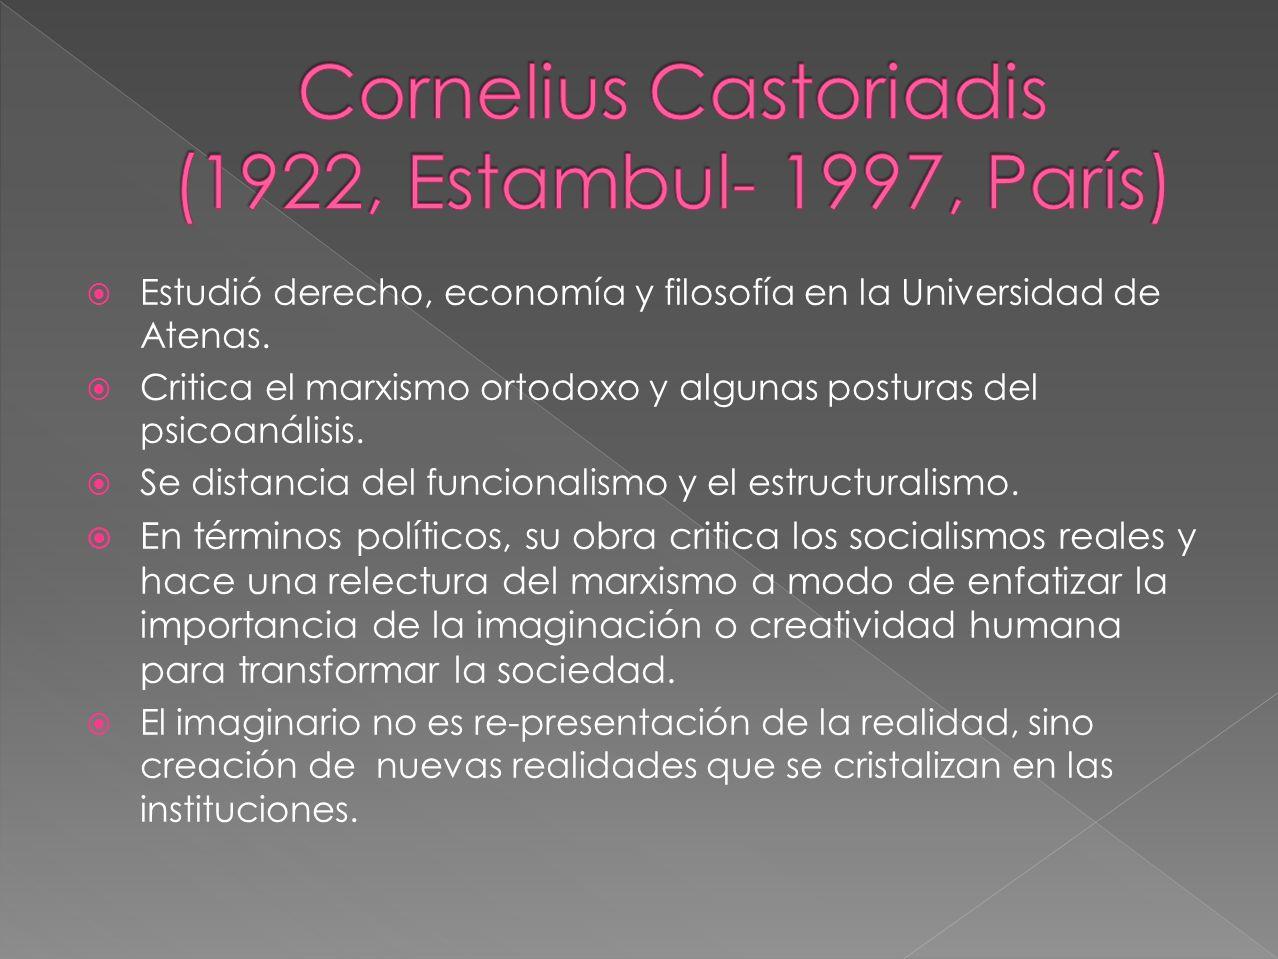 Estudió derecho, economía y filosofía en la Universidad de Atenas.